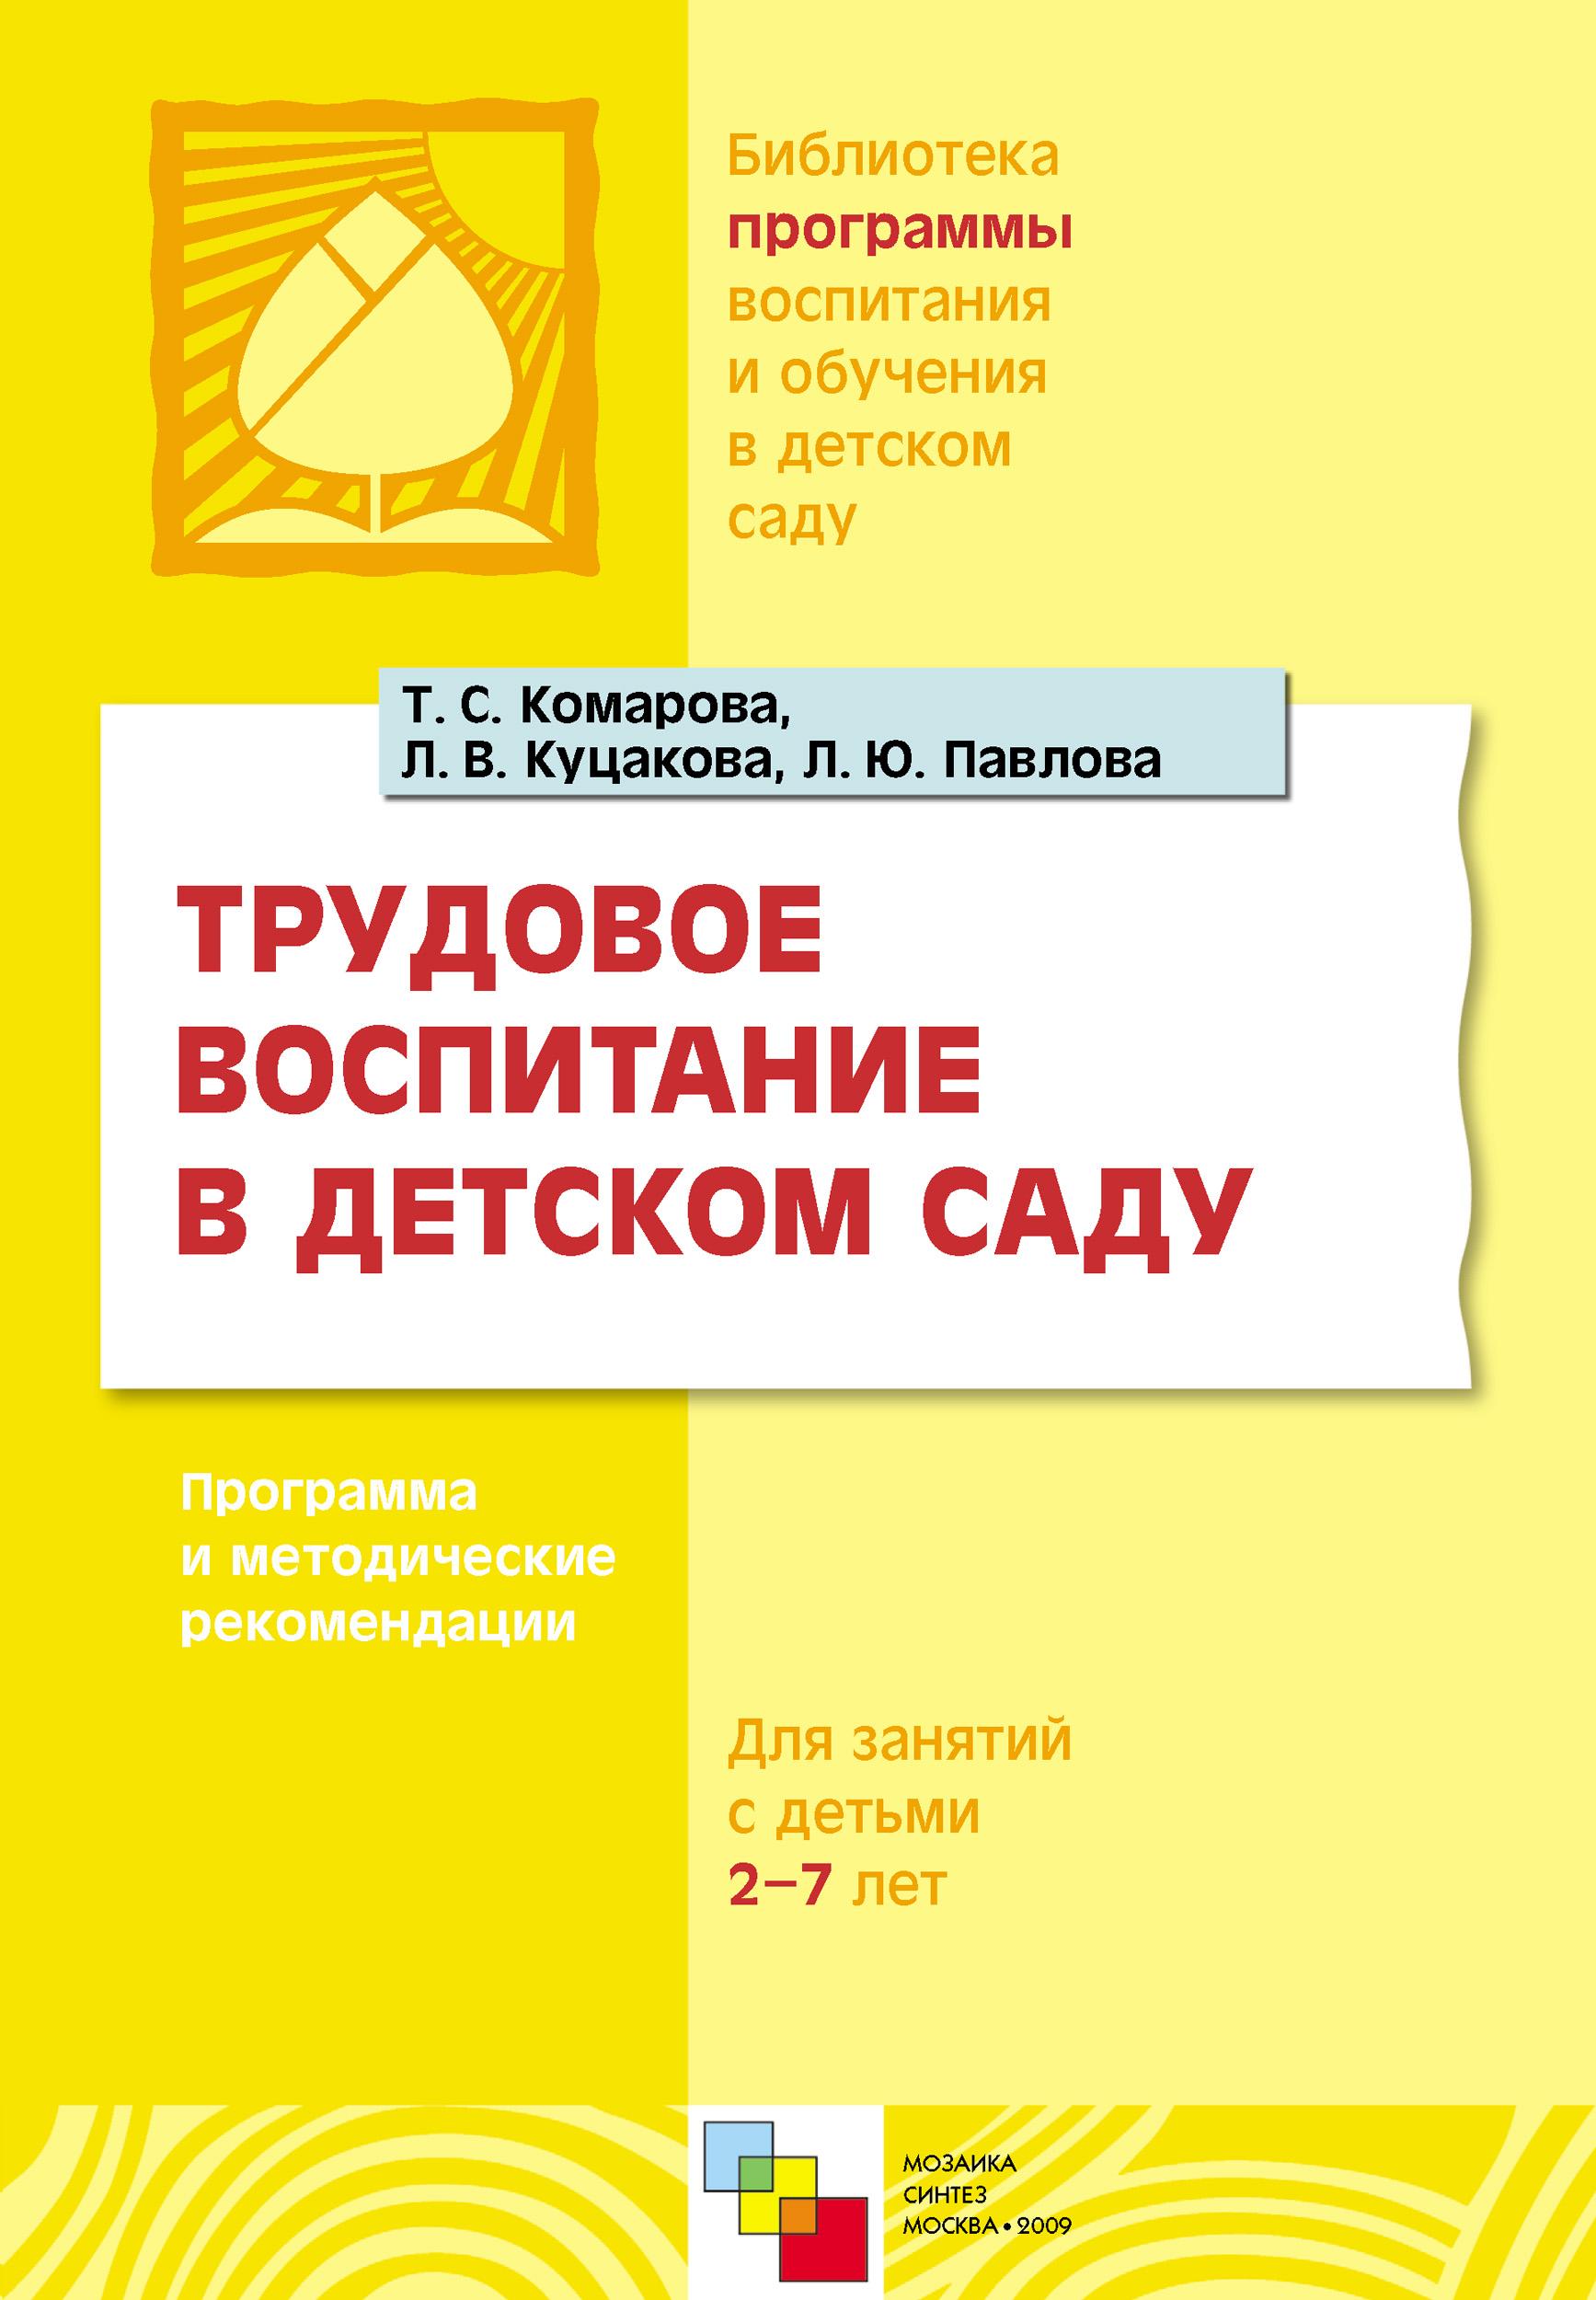 Л. В. Куцакова Трудовое воспитание в детском саду. Программа и методические рекомендации. Для занятий с детьми 2-7 лет